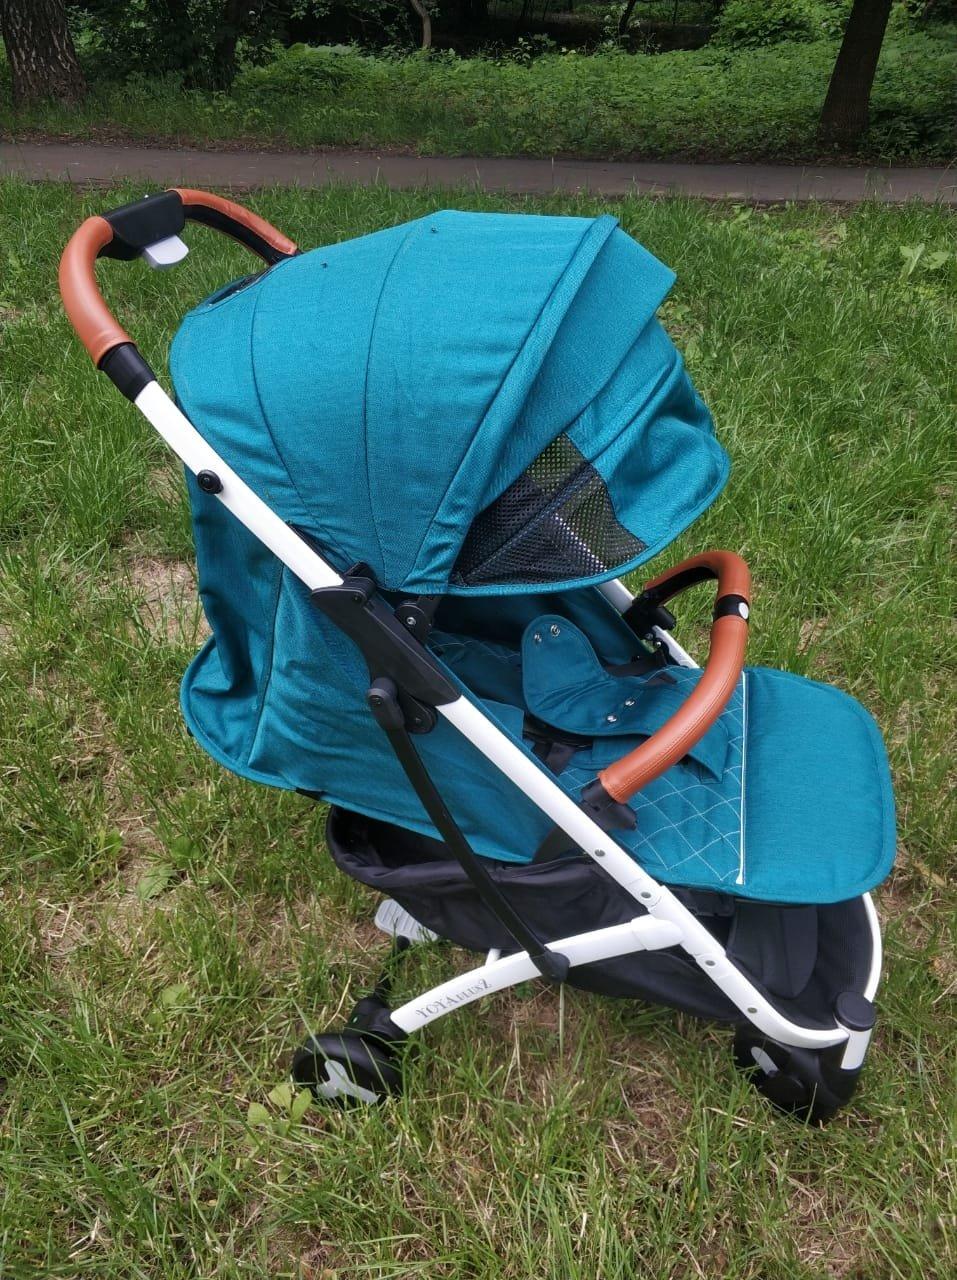 детская коляска yoya plus 2 2018 цвет изумрудная зеленая бирюзовая